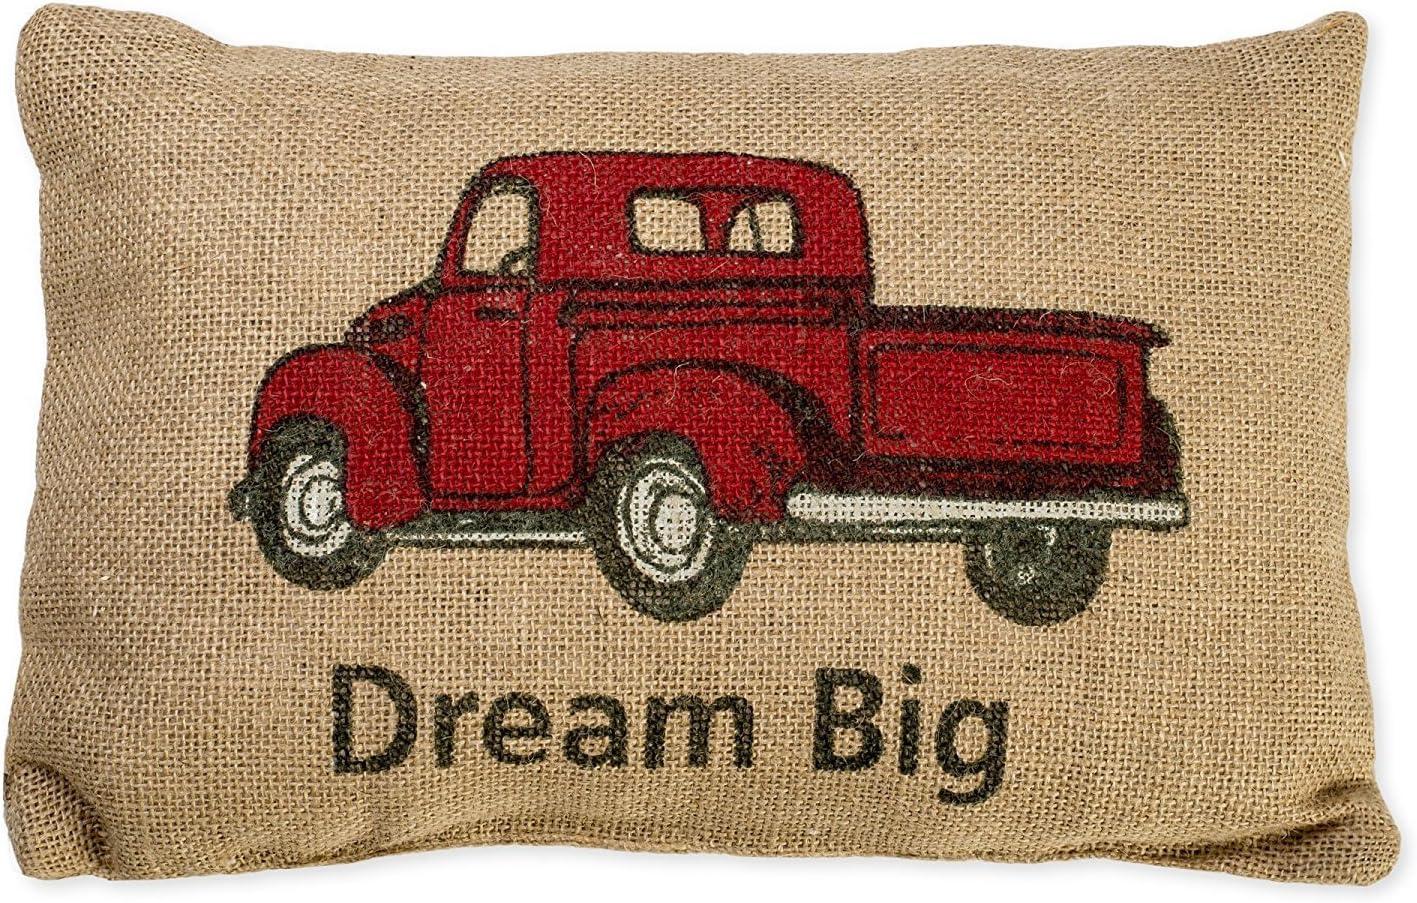 DREAM BIG BURLAP PILLOW NEW SUPER CUTE RED TRUCK PRIMITIVE